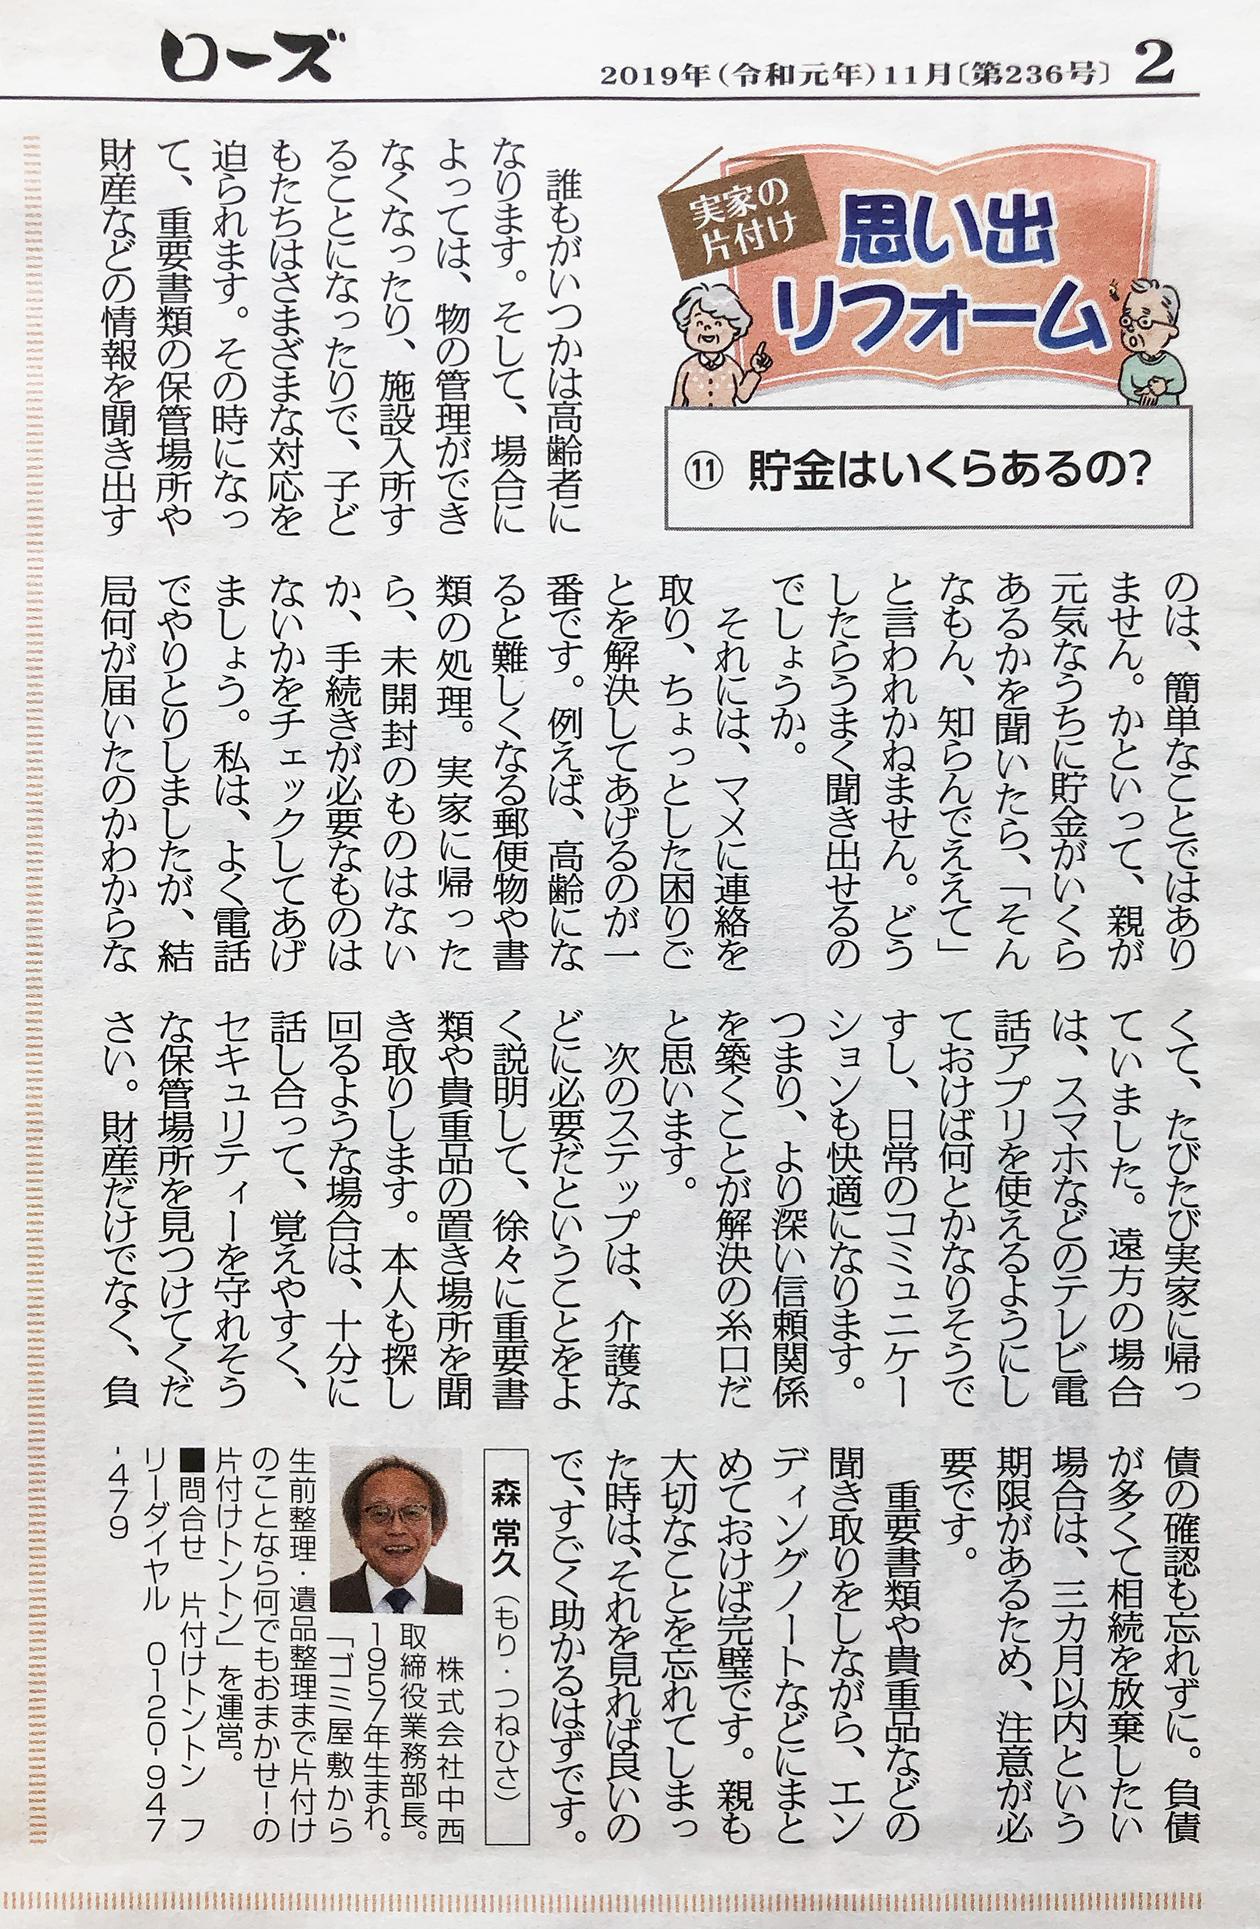 中日新聞朝刊折込 シニア情報紙『ローズ』11月号の写真